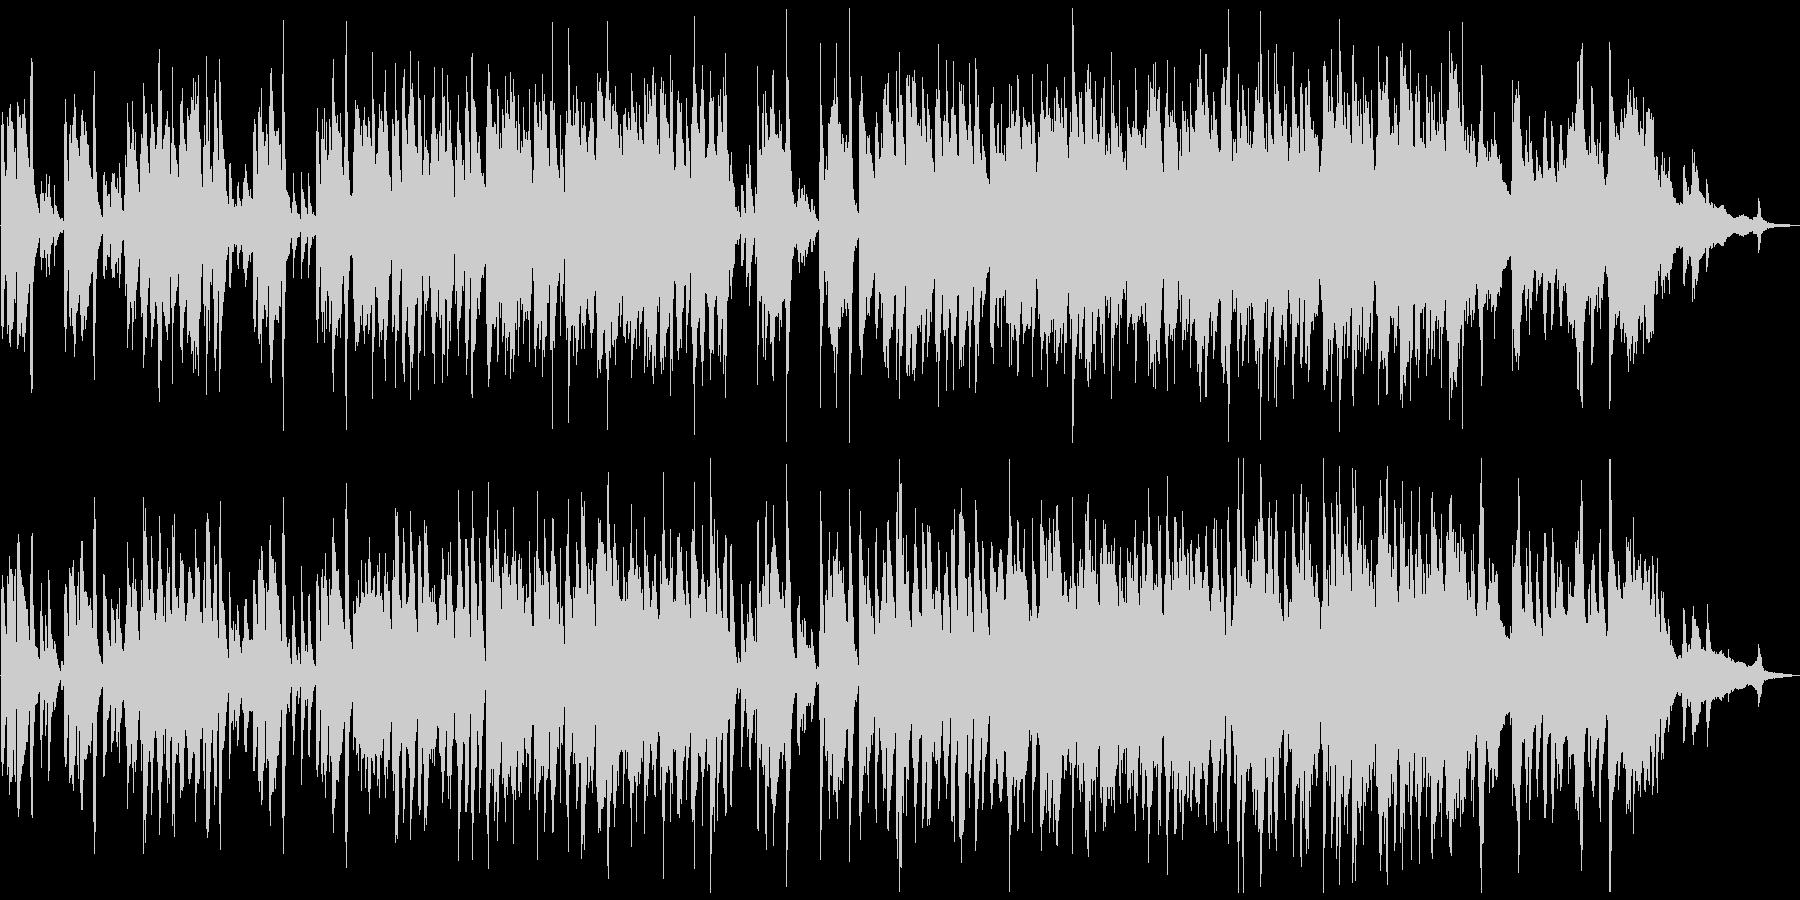 黒猫をイメージした小悪魔ピアノジャズの未再生の波形